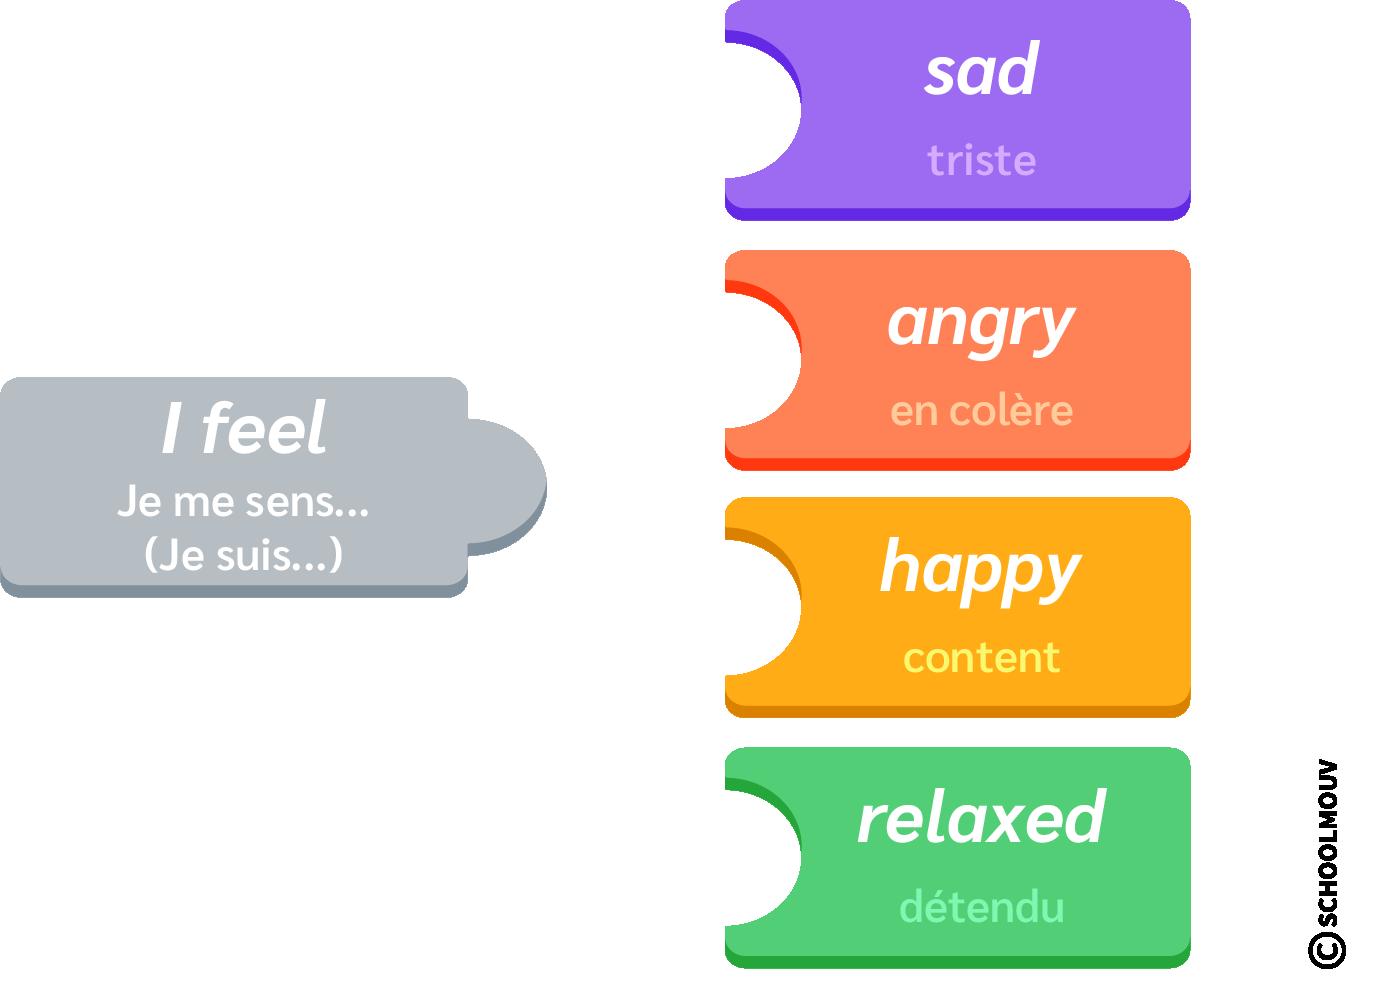 anglais emotions I feel